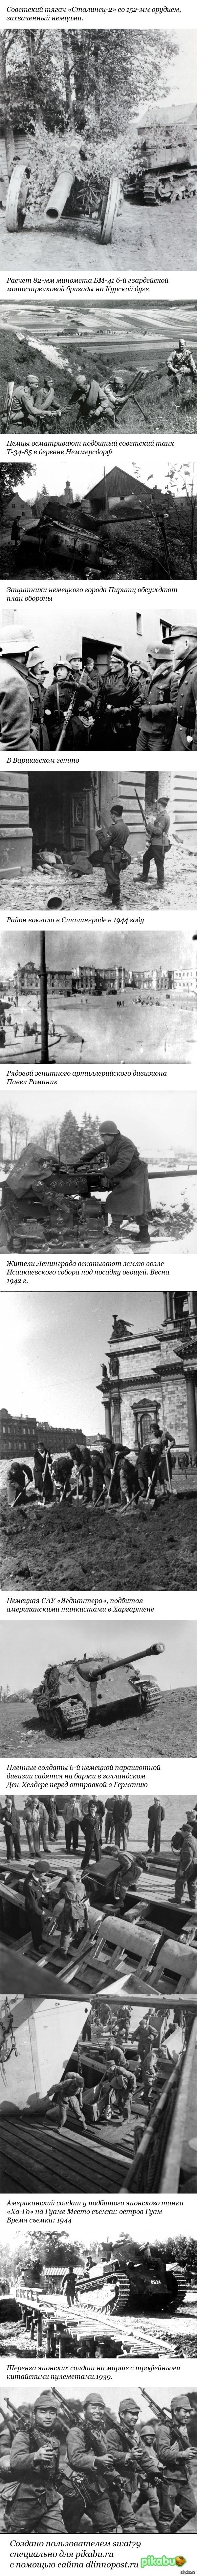 Фото Второй Мировой войны 35 для подписчиков часть 35 (с описанием)